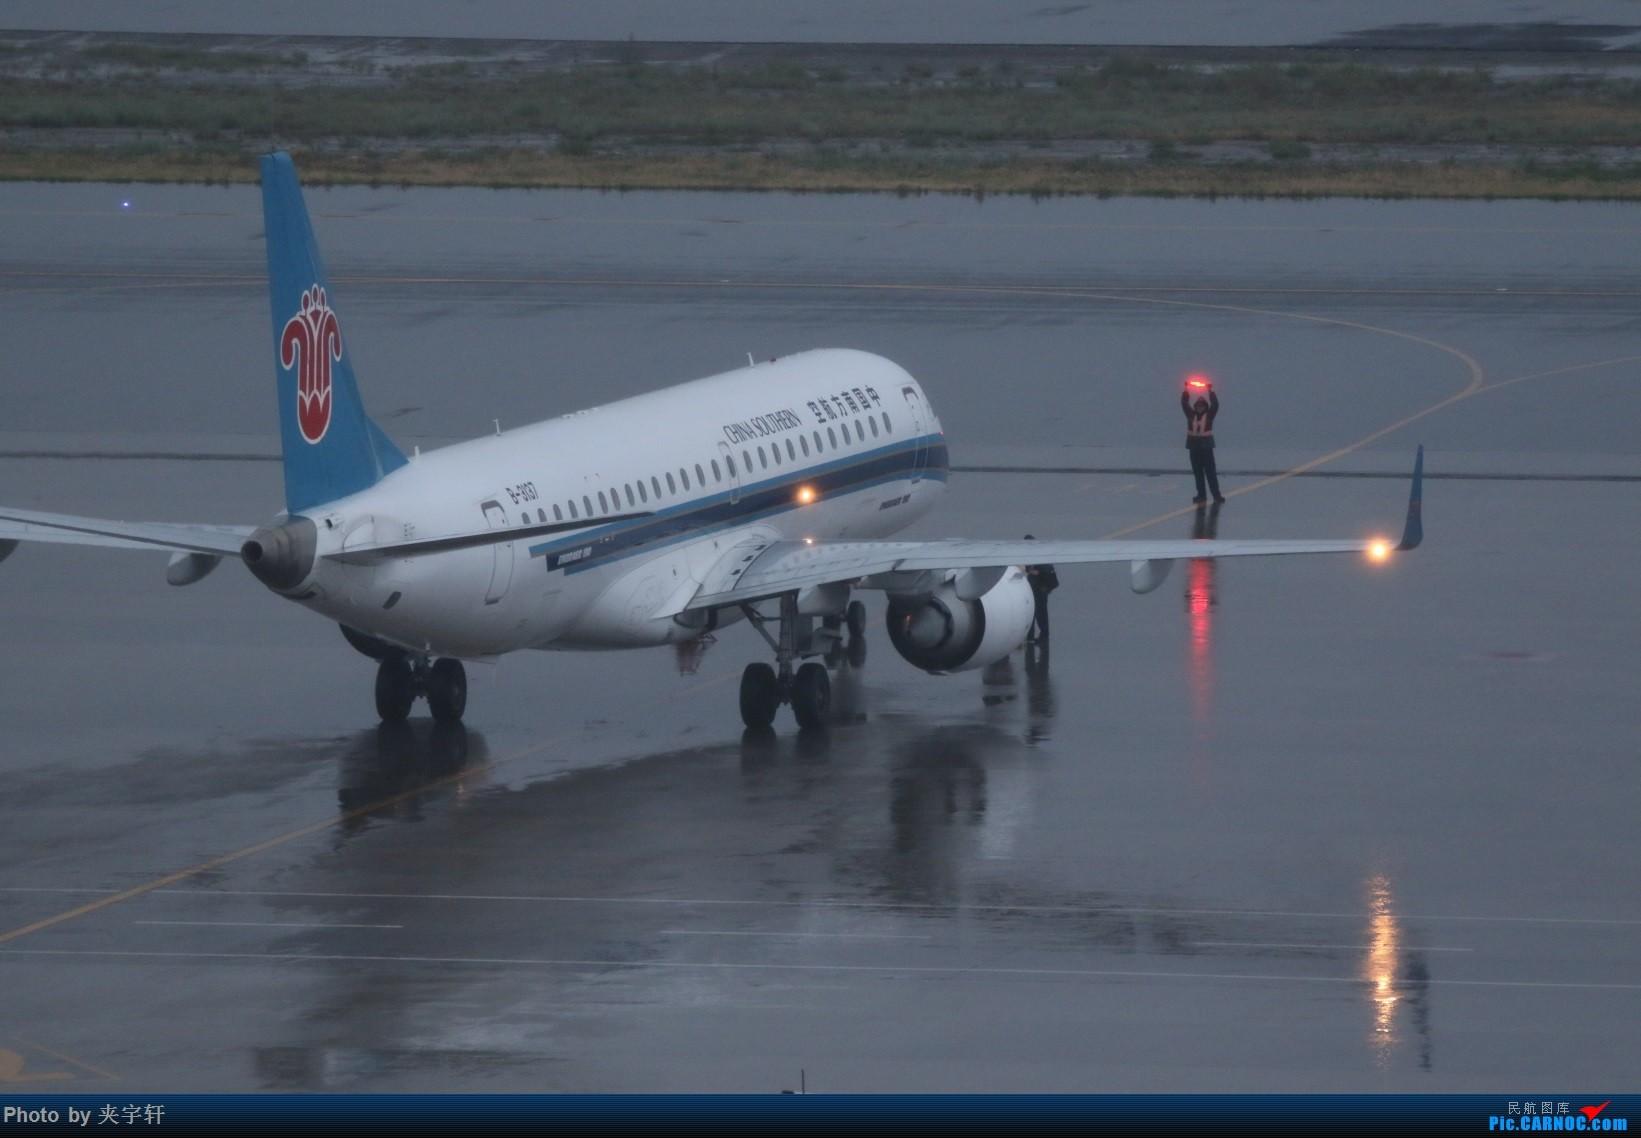 [原创]【URC】雨天动图!+吹水 EMBRAER E-190 B-3137 中国乌鲁木齐地窝堡国际机场